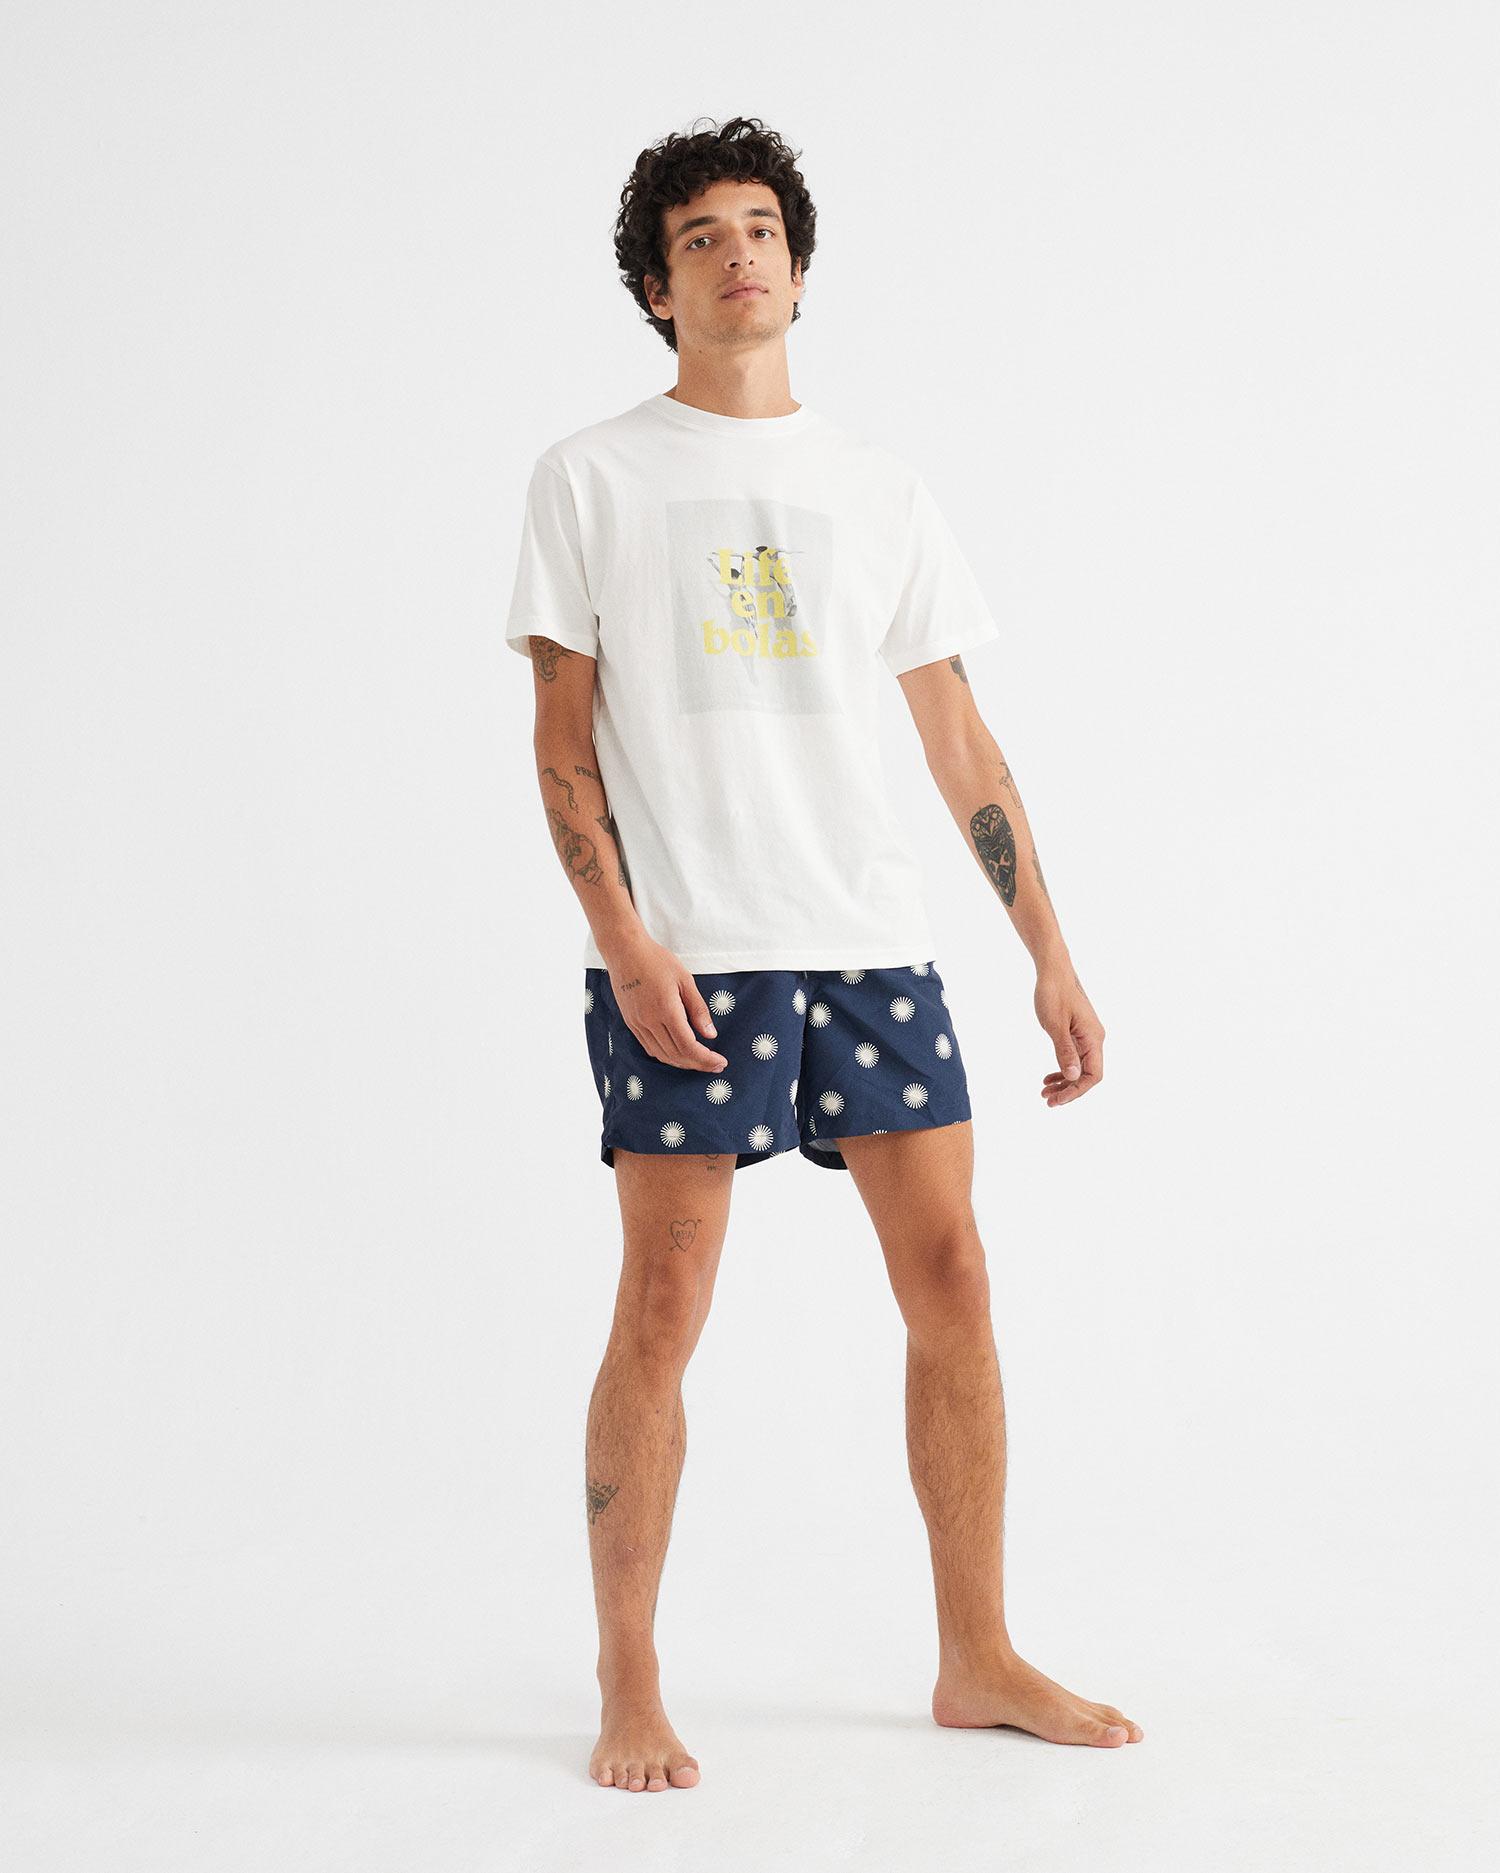 soles swimwear, herren - thinking mu